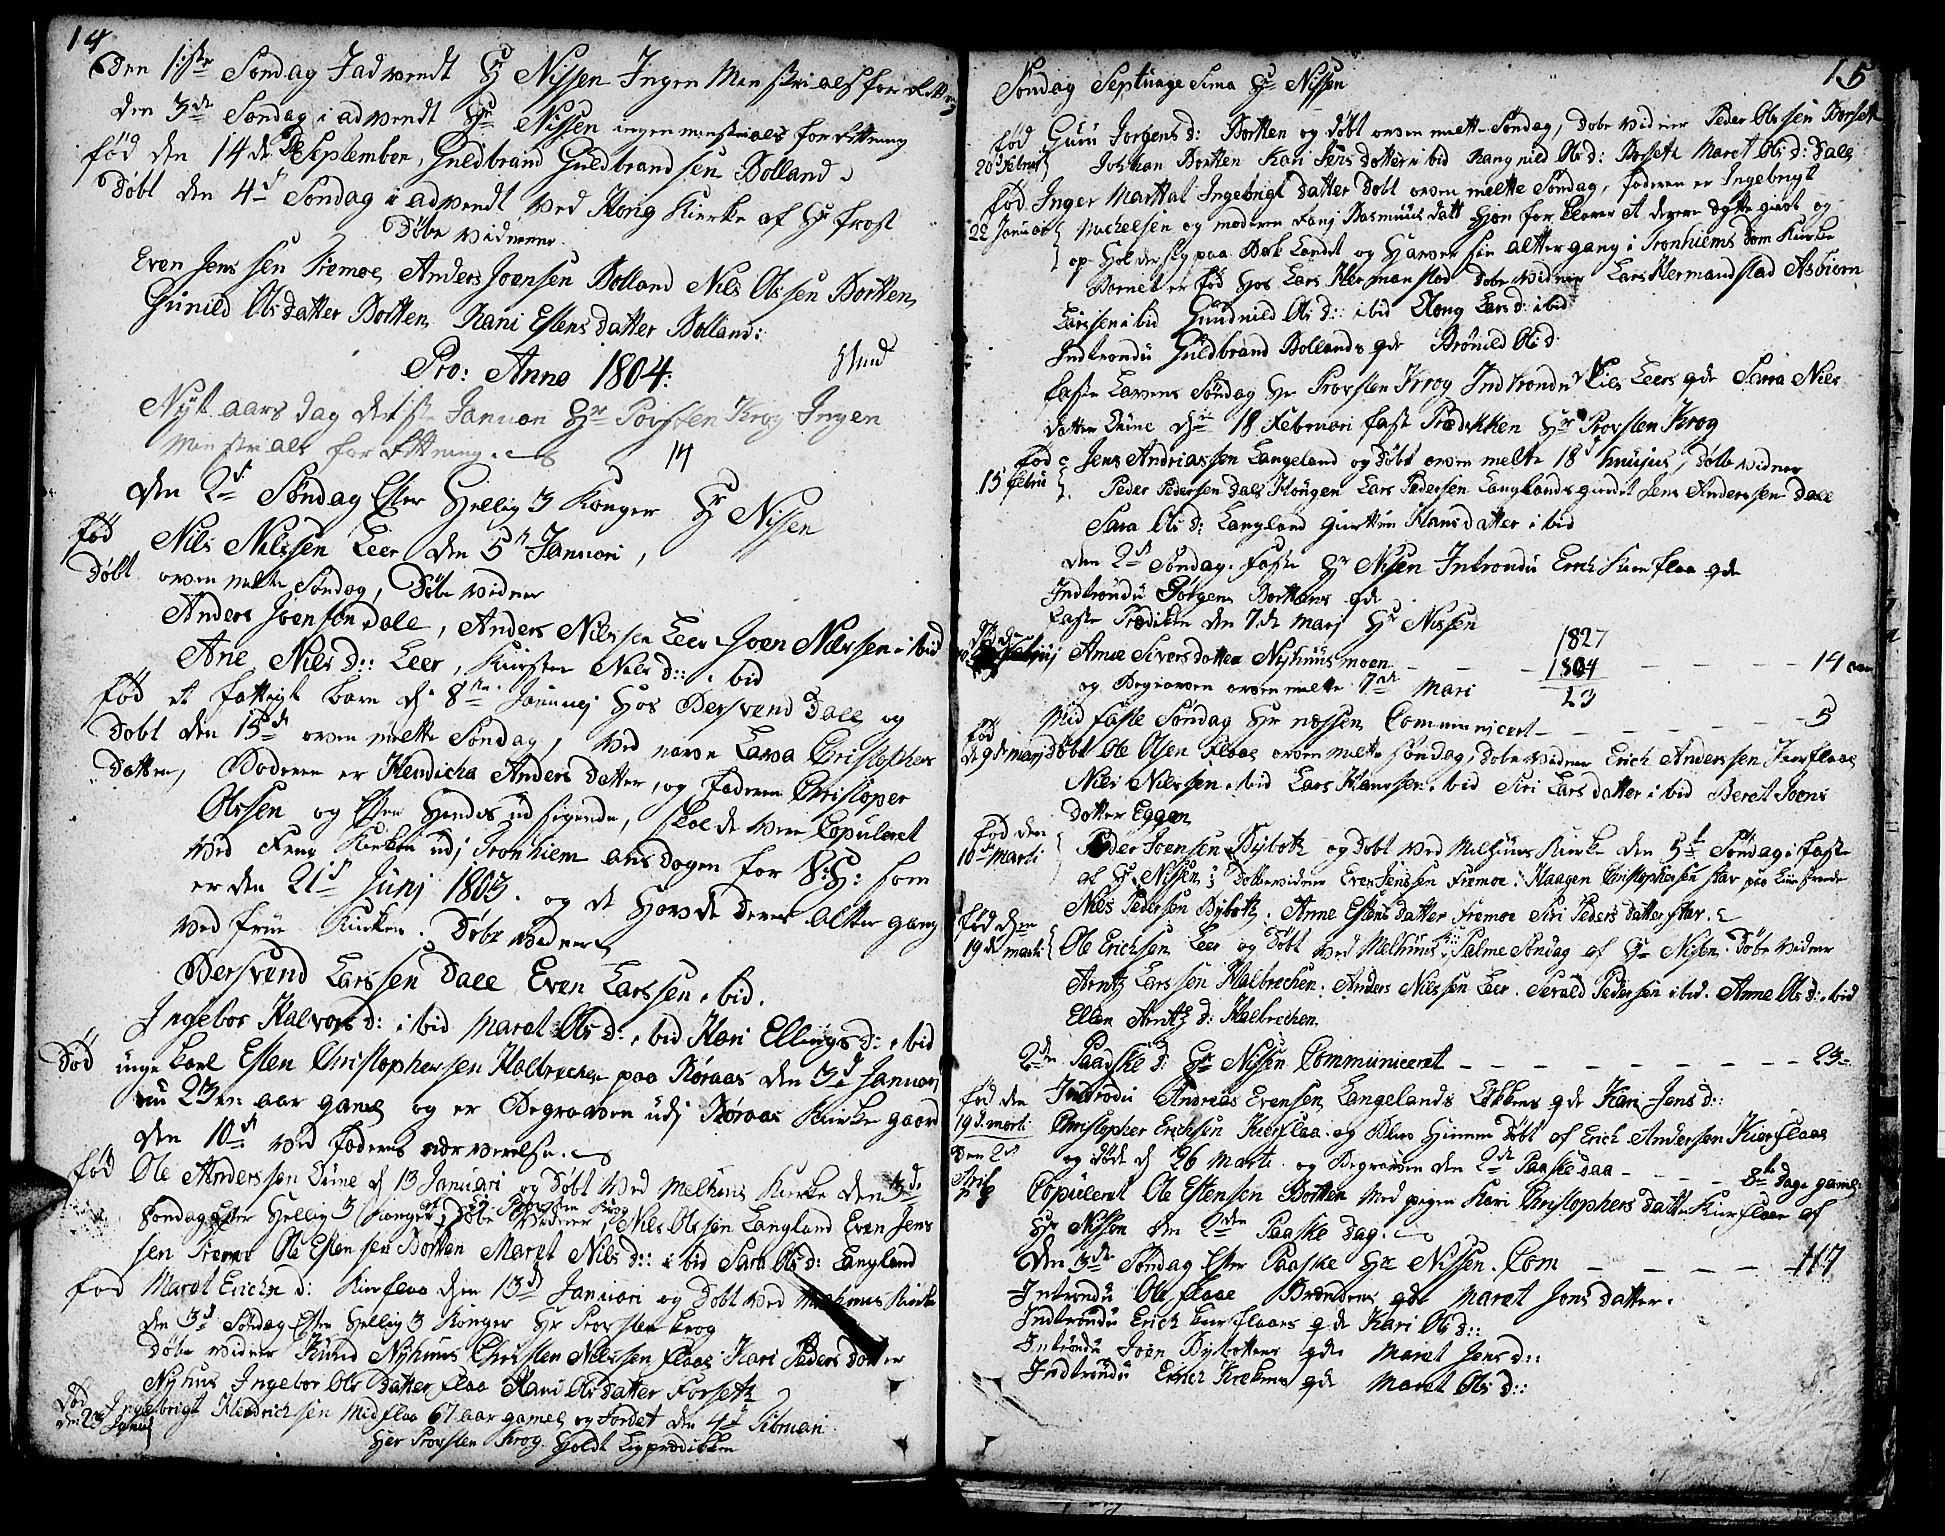 SAT, Ministerialprotokoller, klokkerbøker og fødselsregistre - Sør-Trøndelag, 693/L1120: Klokkerbok nr. 693C01, 1799-1816, s. 14-15